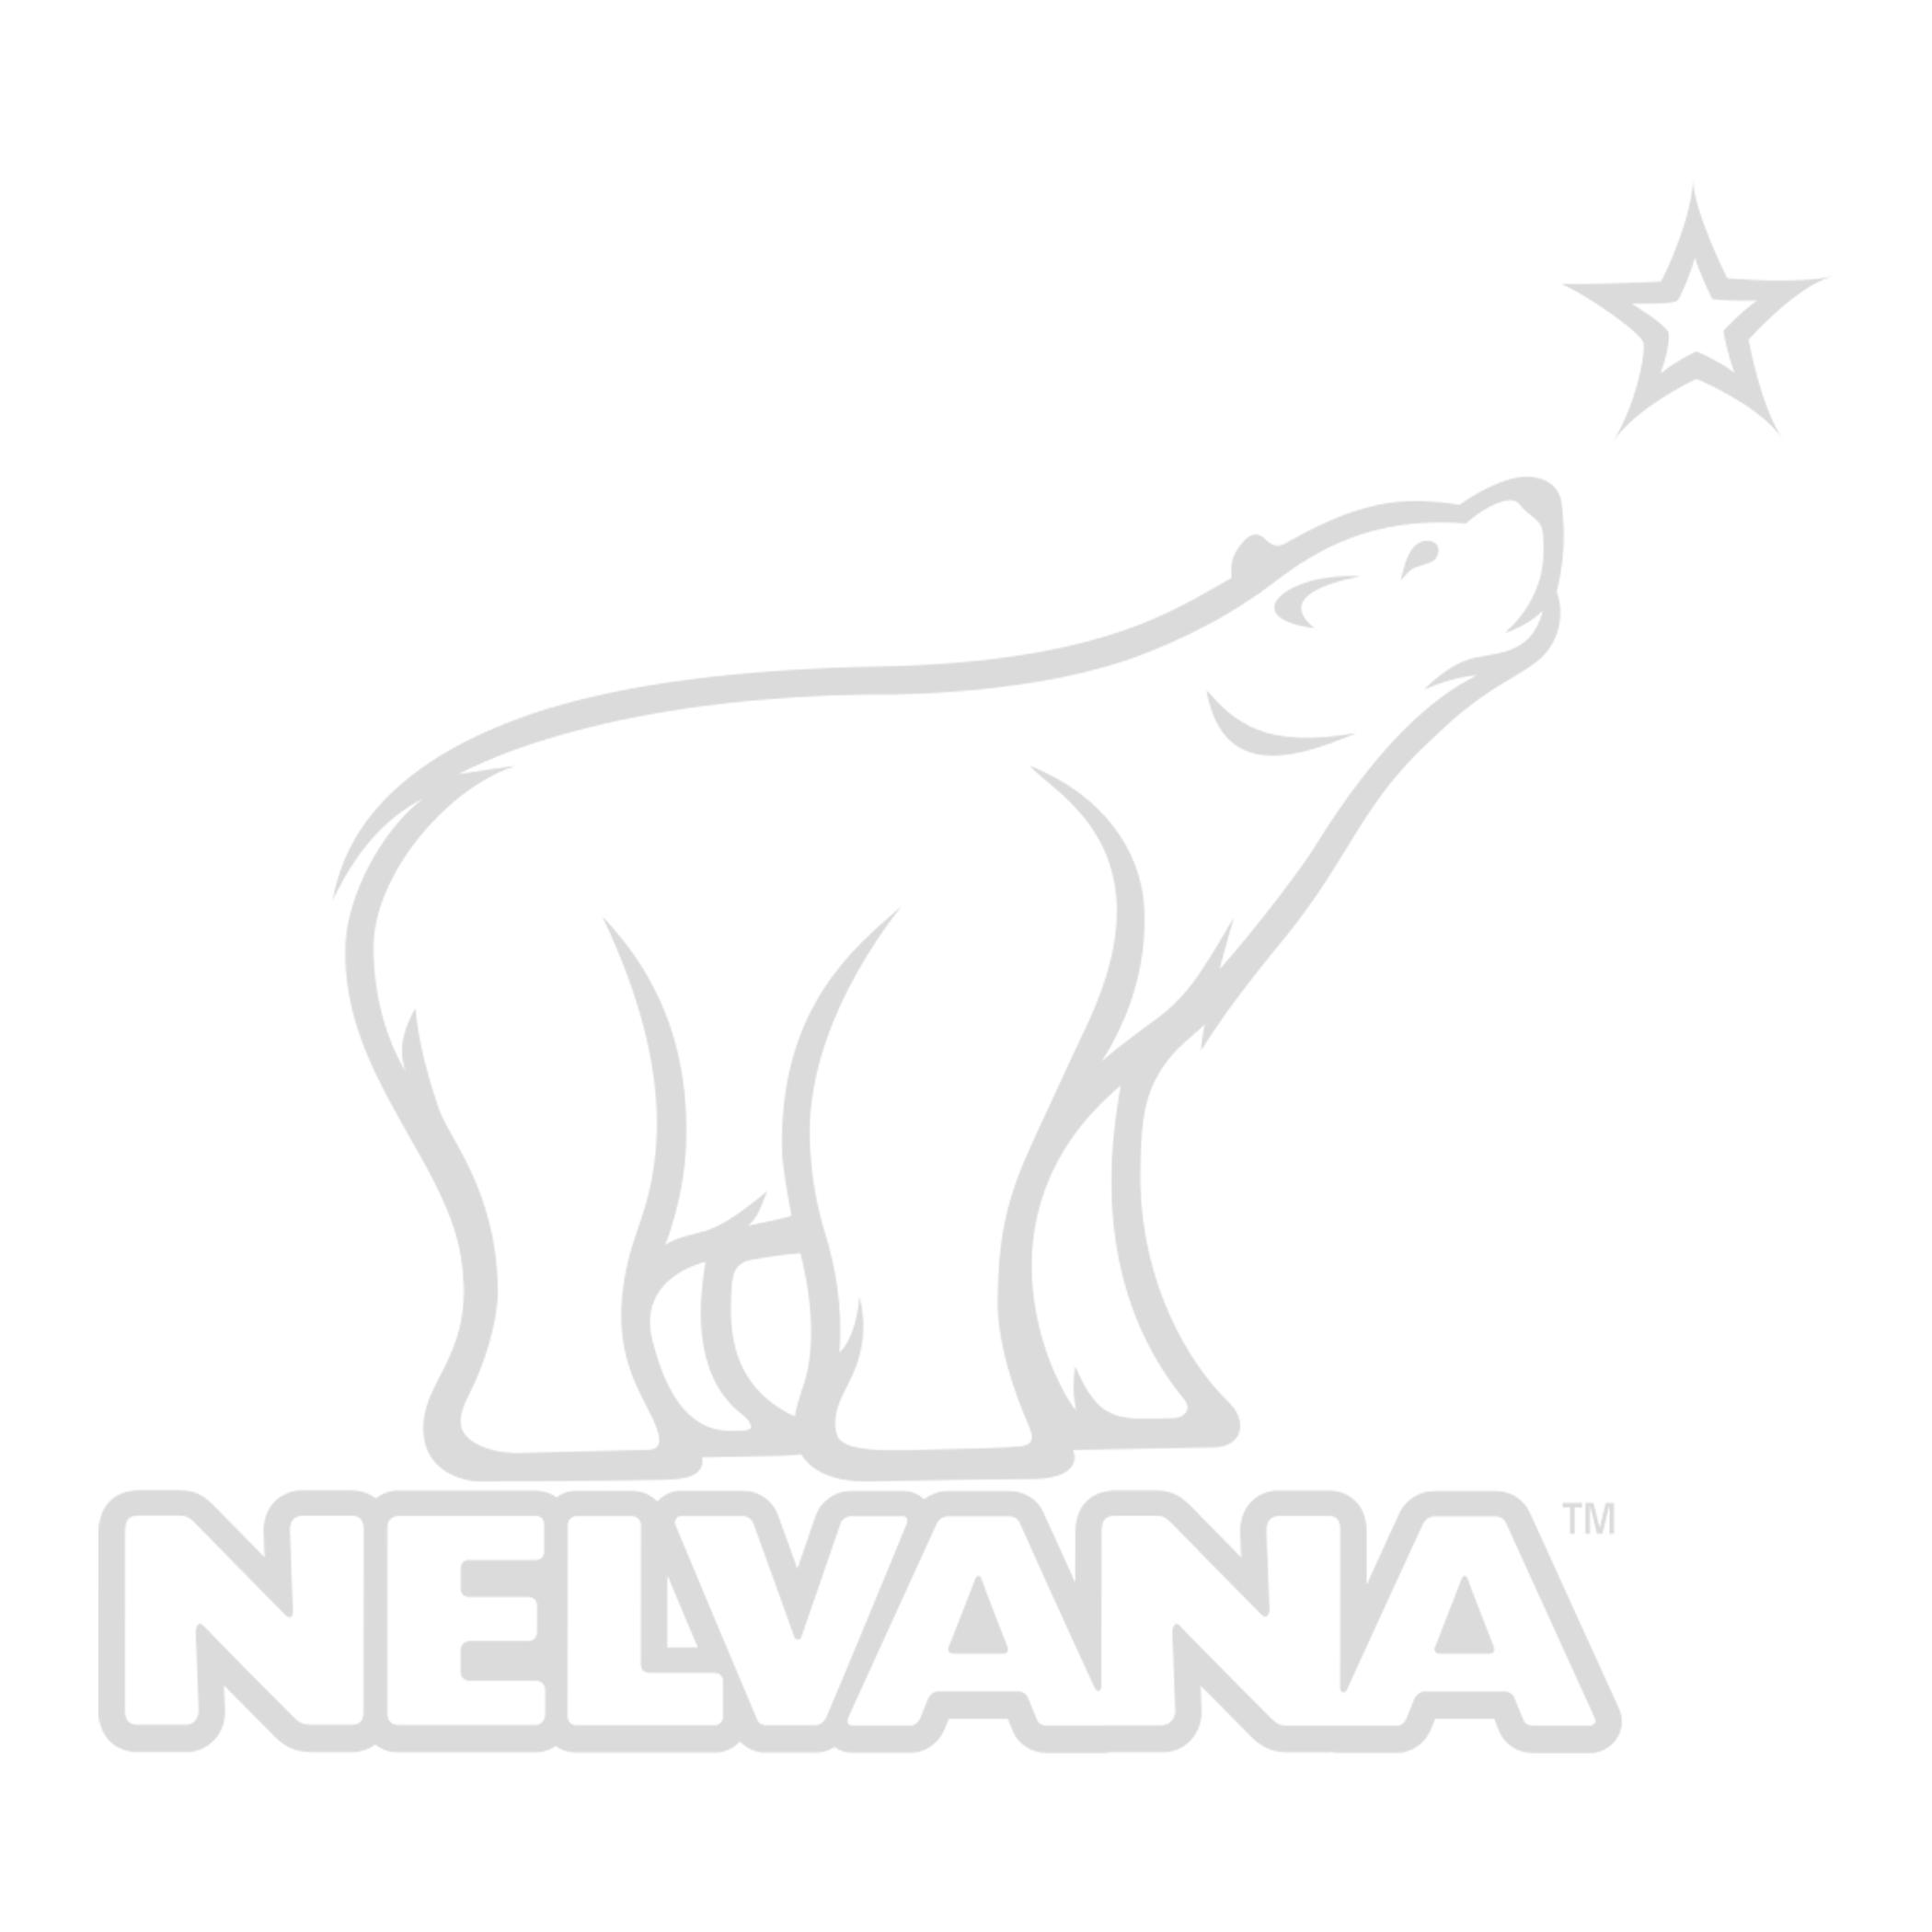 NEVANA_GRAY.png